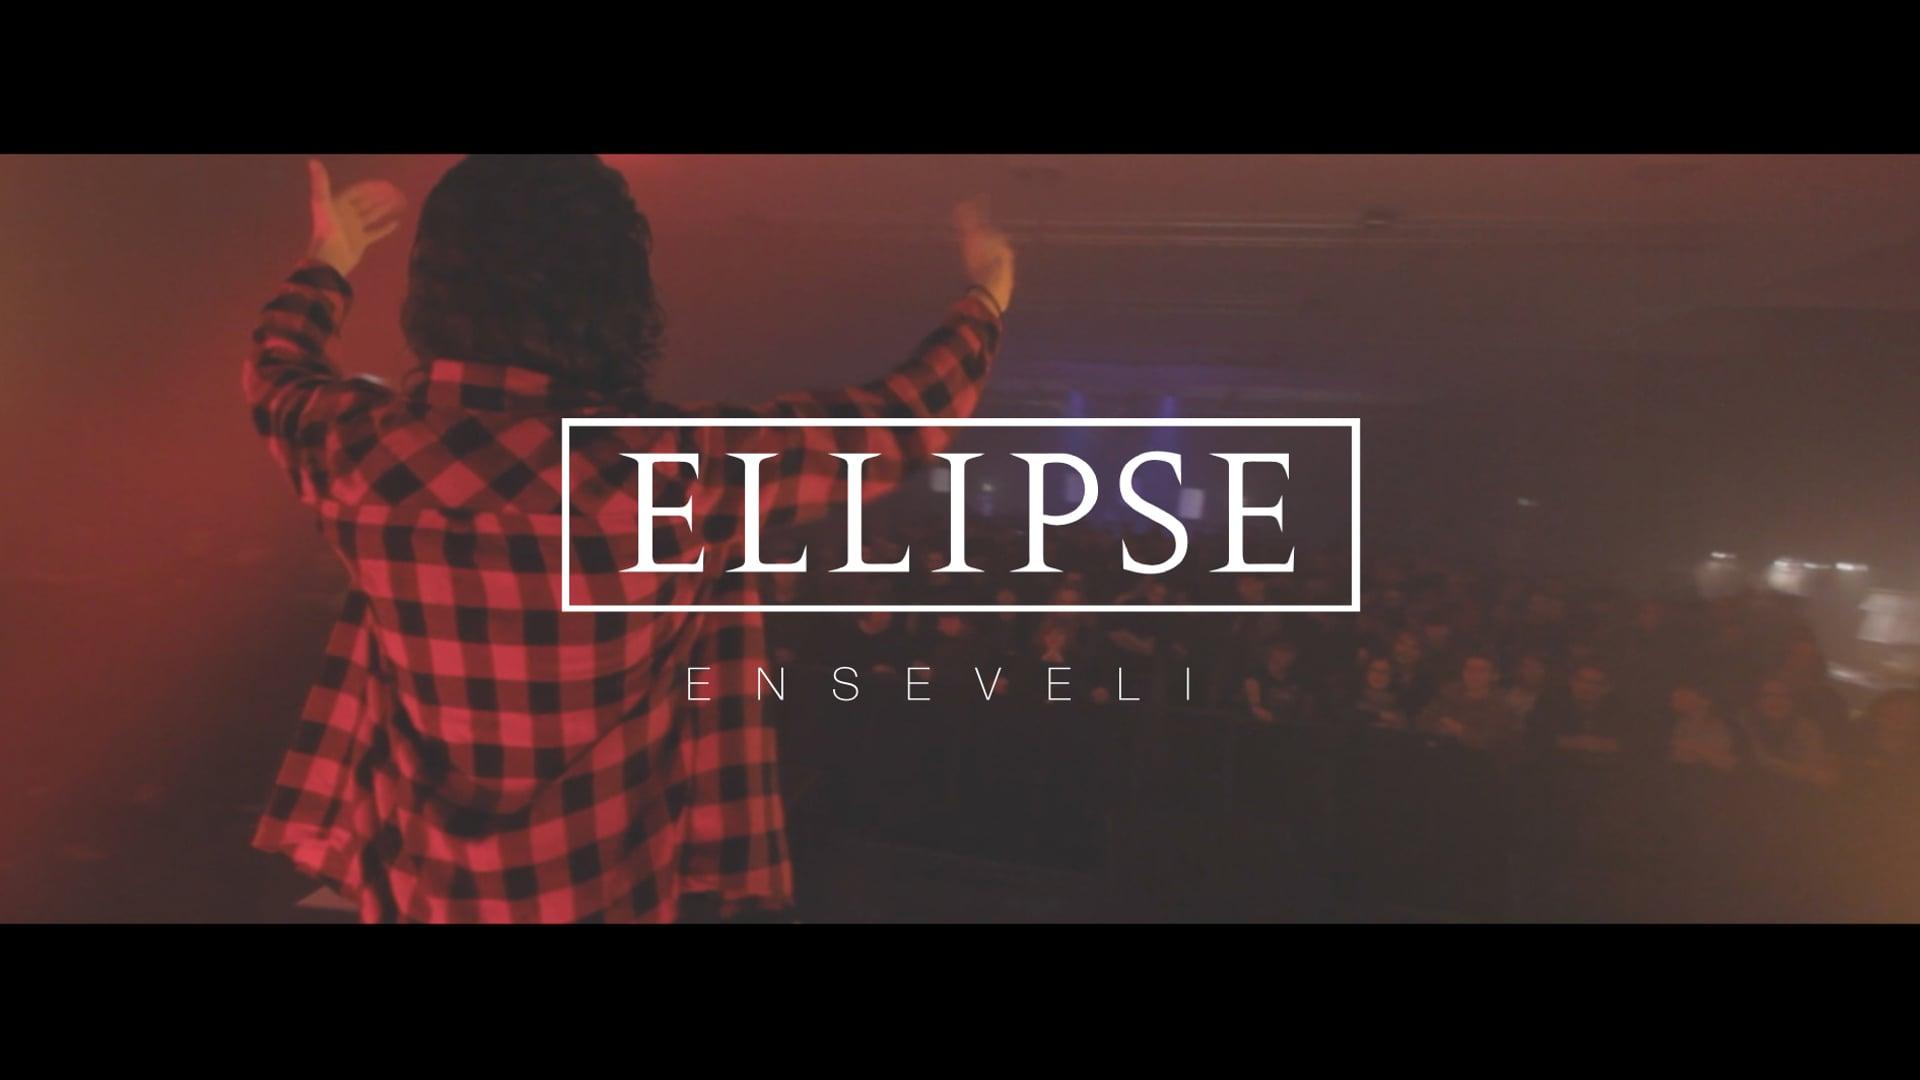 ELLIPSE - Enseveli (Clip officiel)